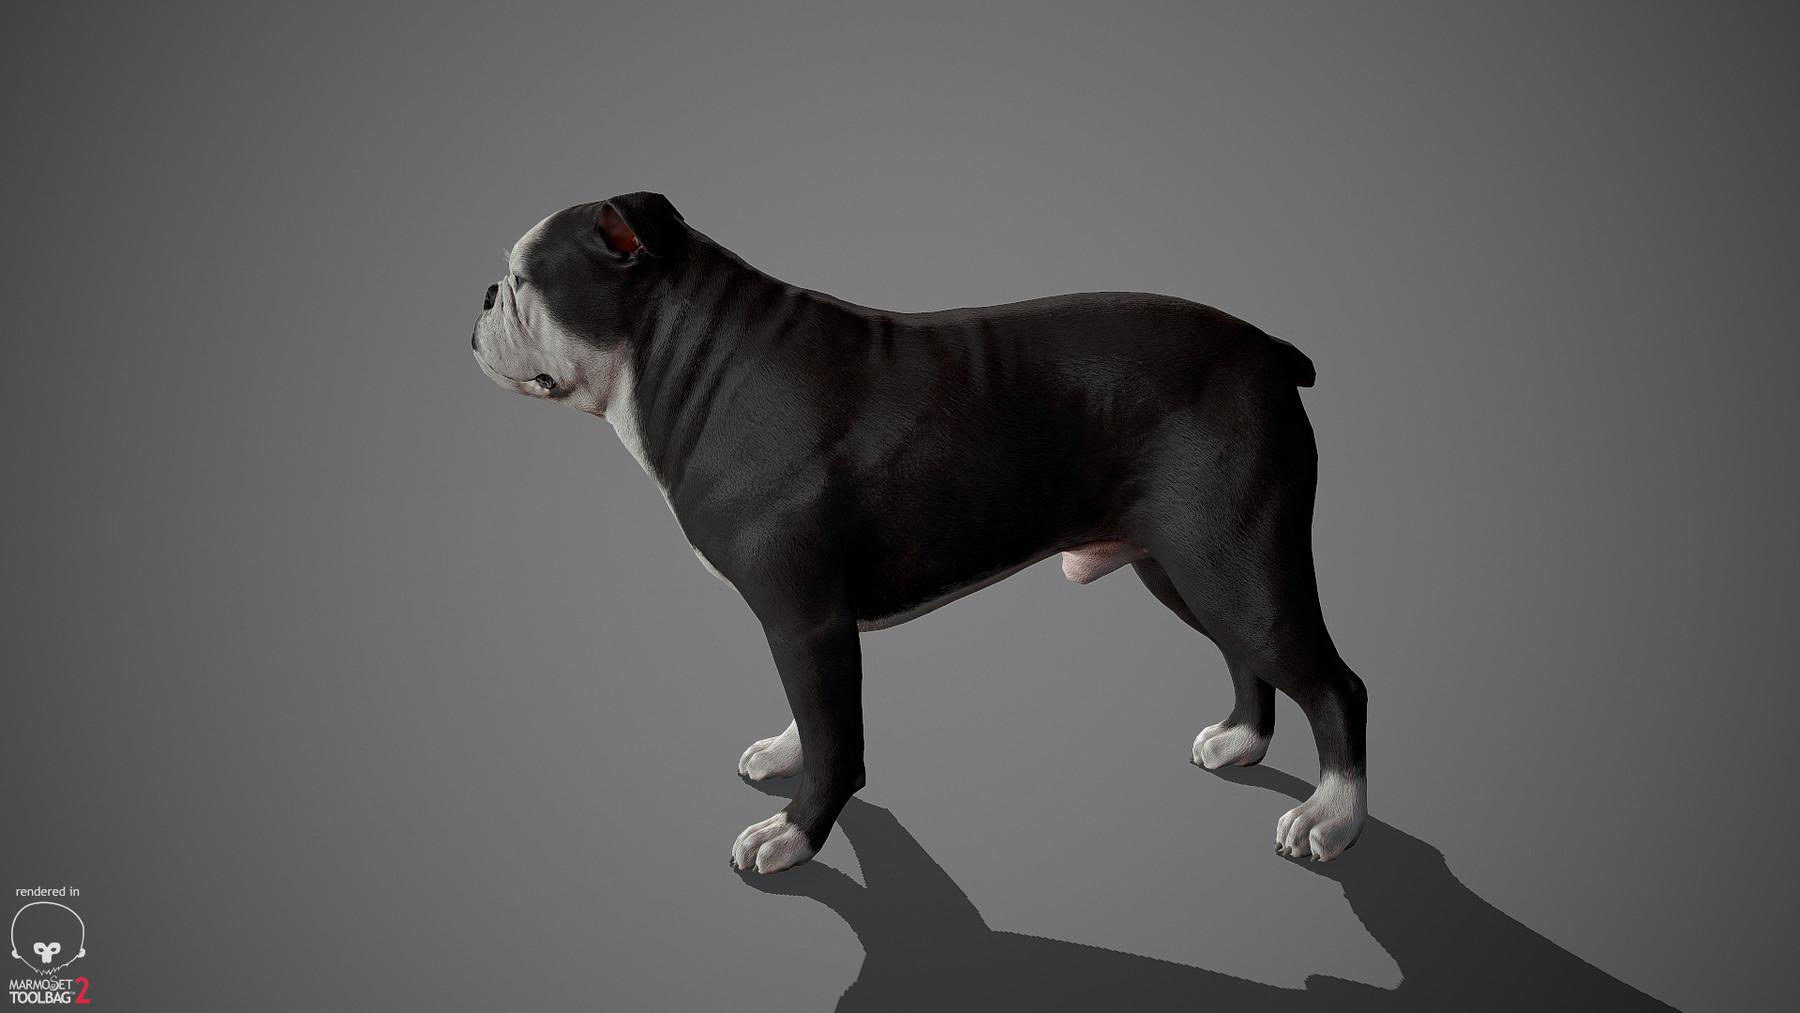 Englishbulldog by alexlashko marmoset 08